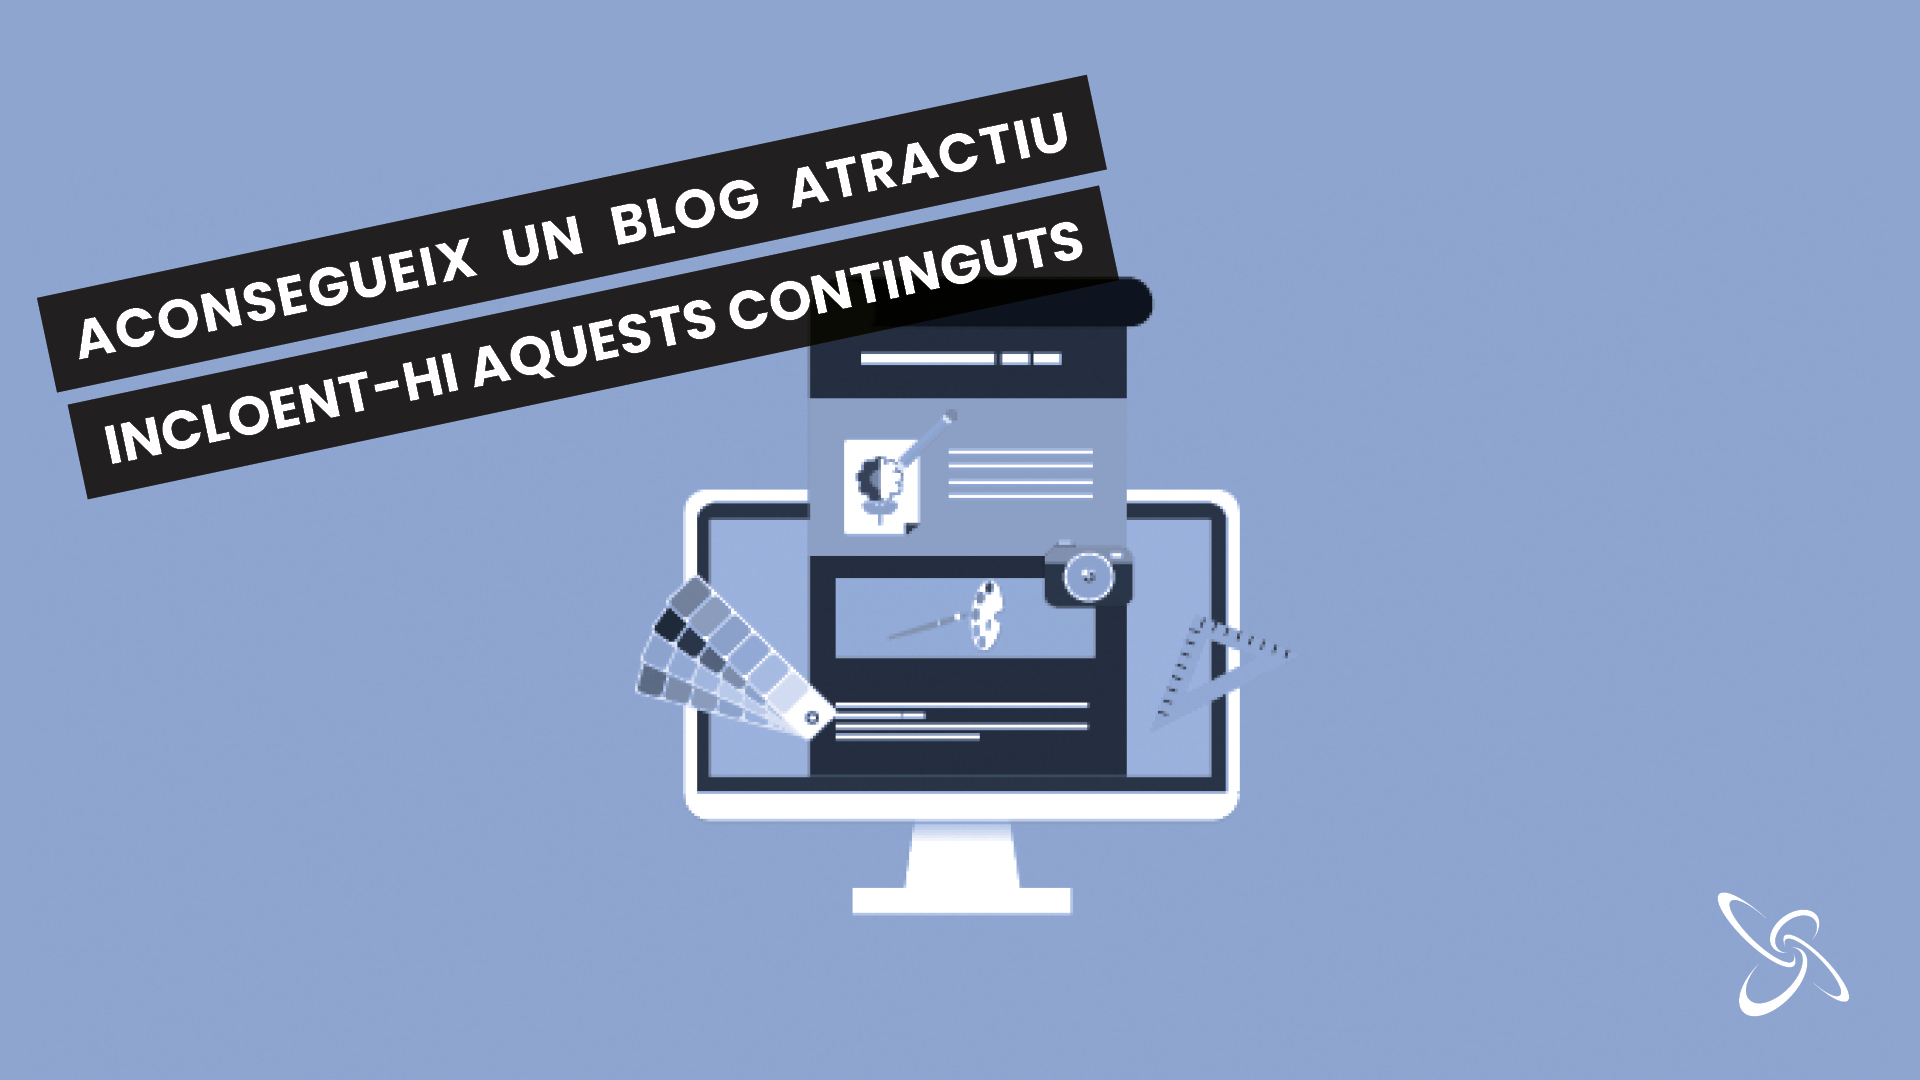 Aconsegueix un blog atractiu incloent-hi aquests continguts